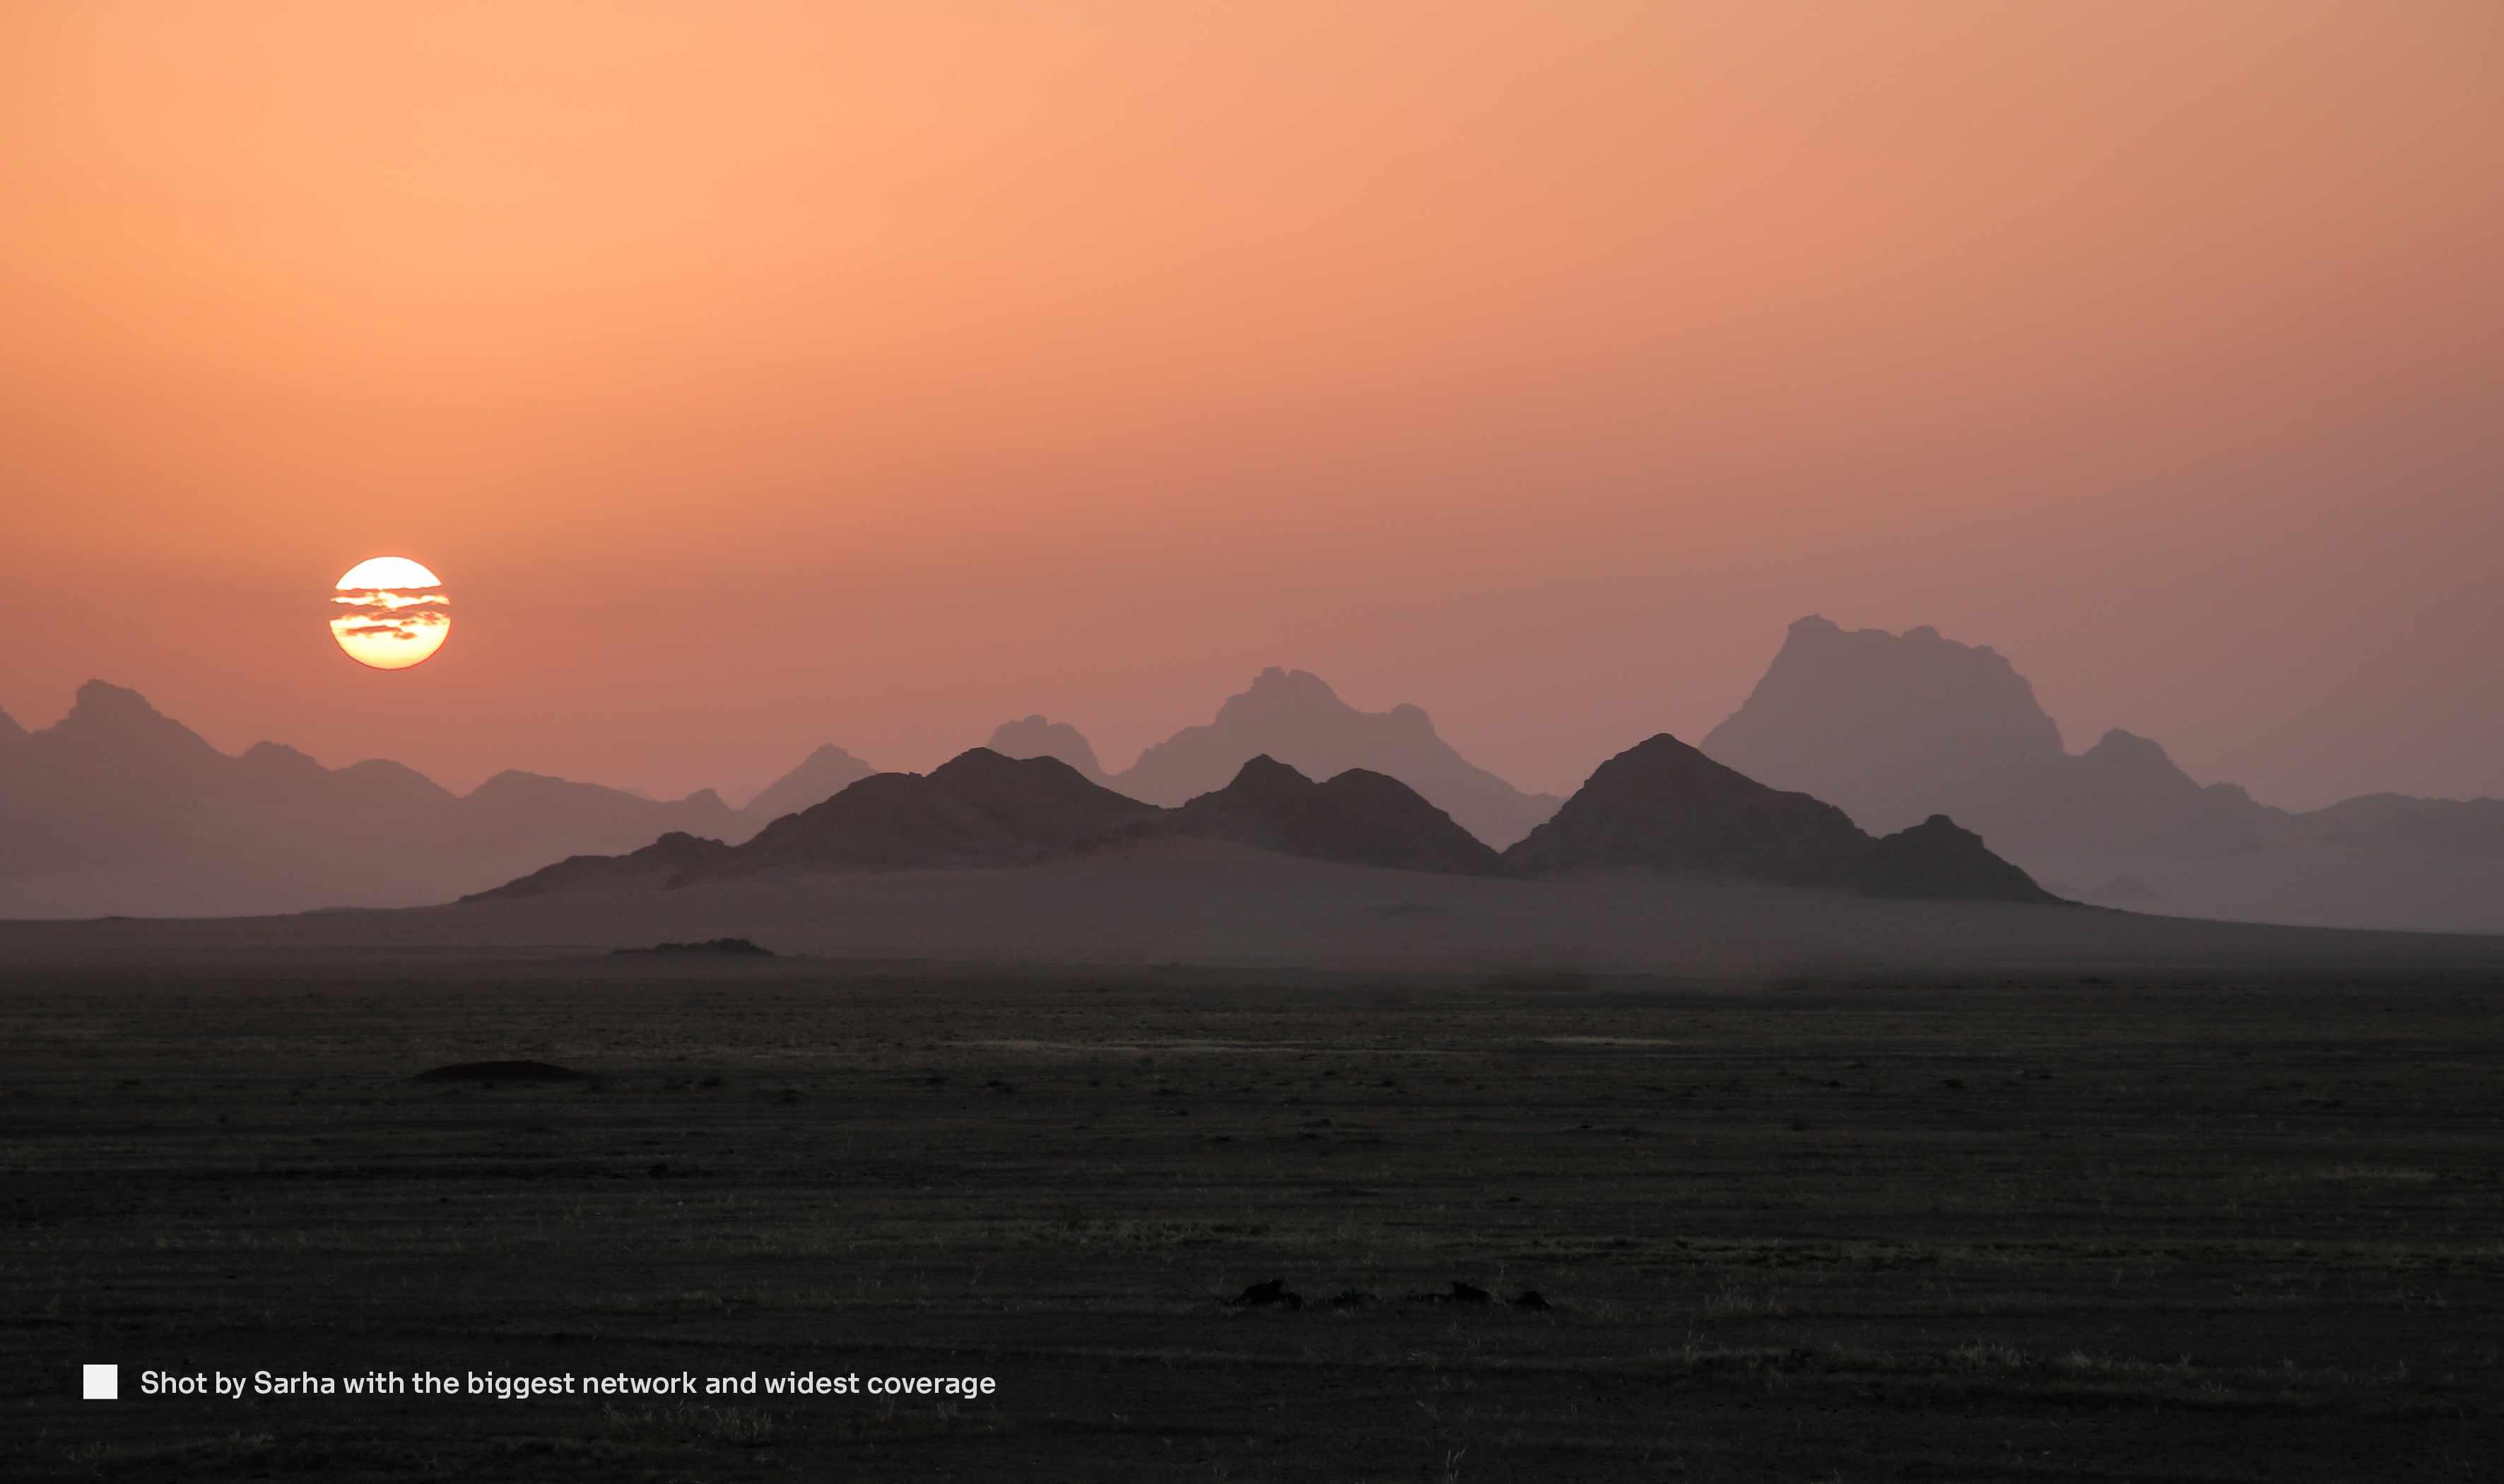 Saudi Arabia image by Najib Murad